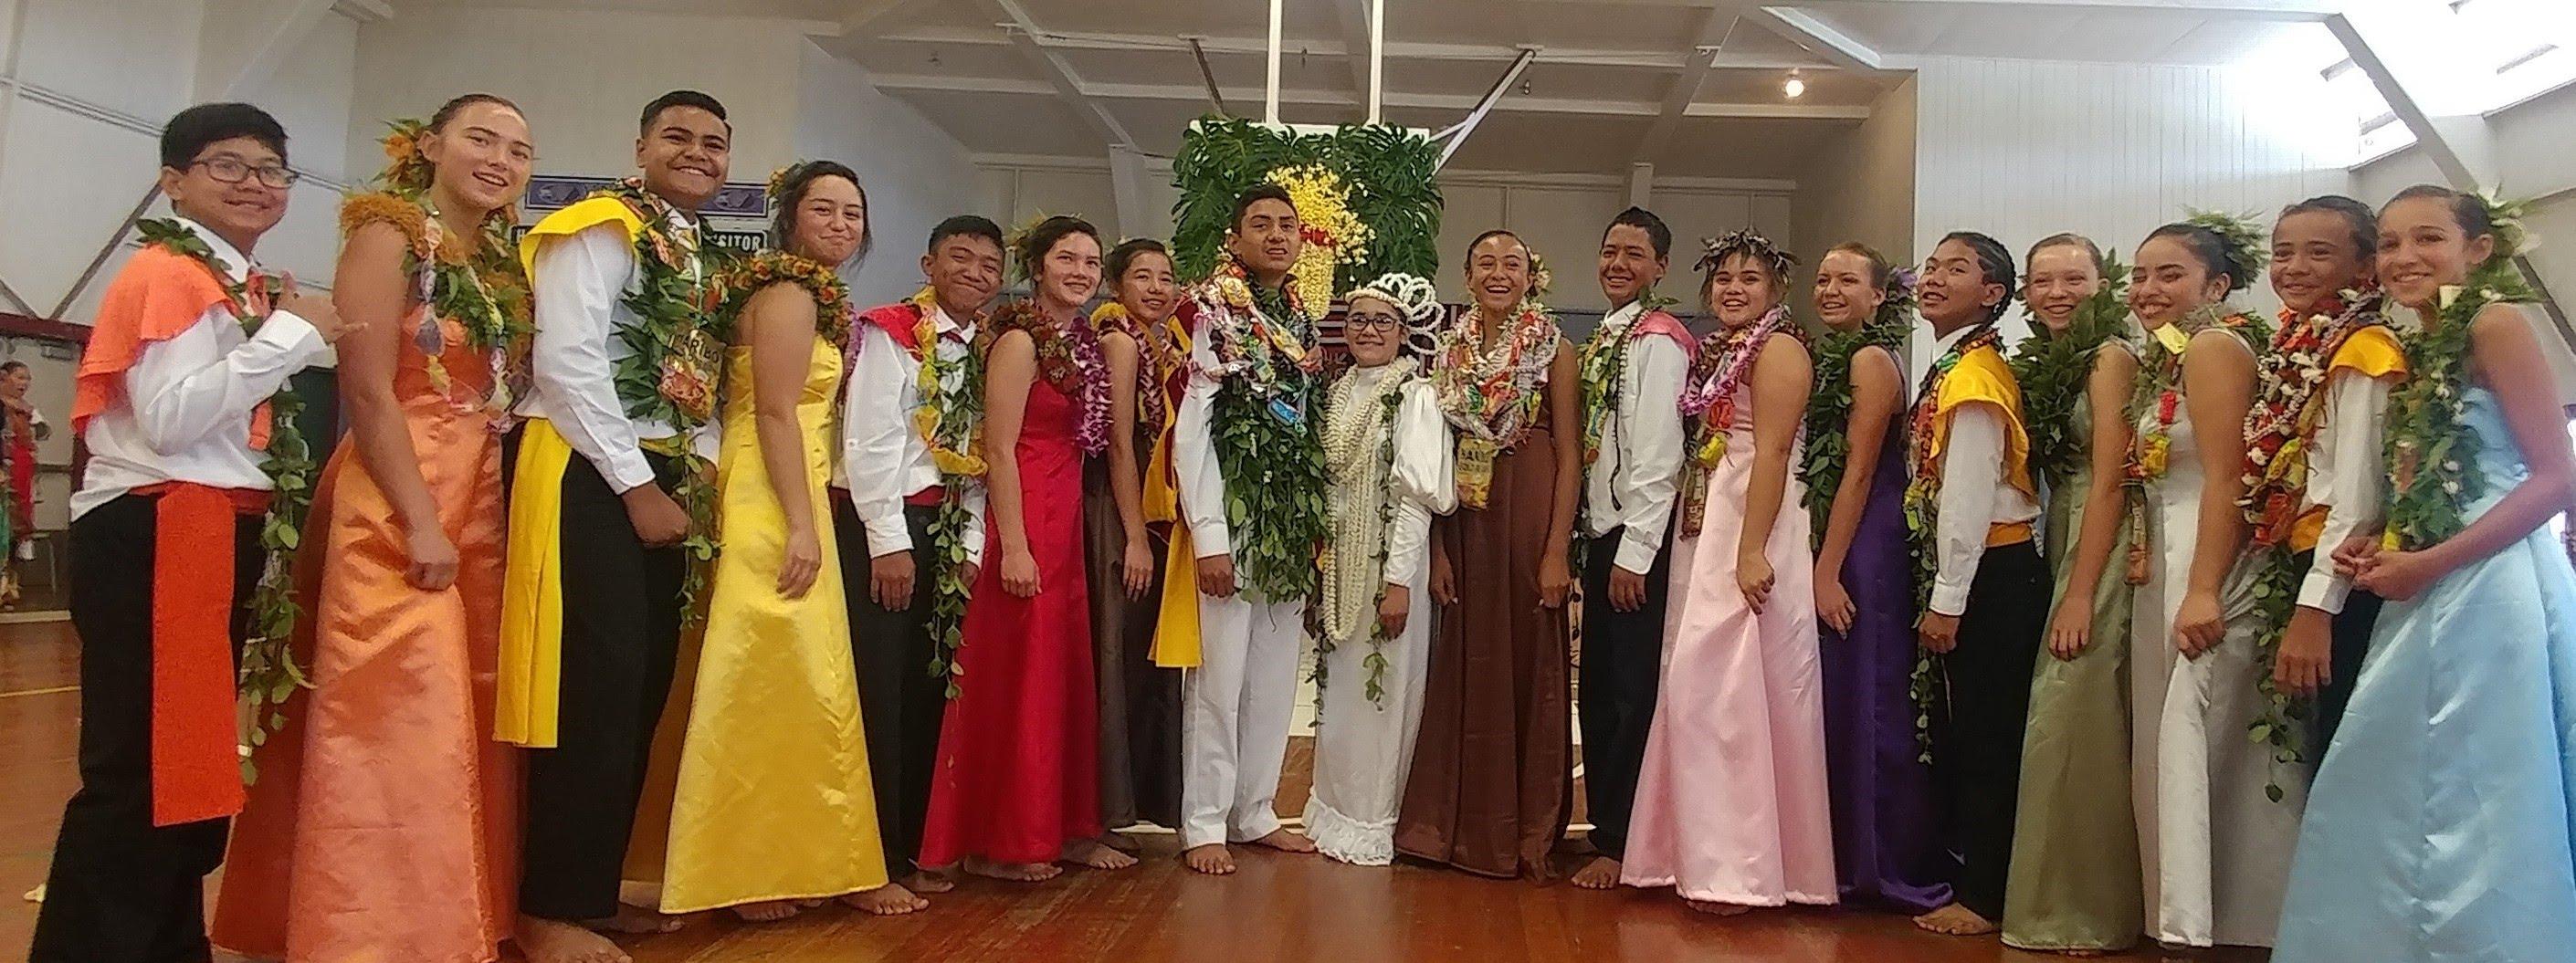 Nyc Doe 2014-2020 Calendar Waimea Middle School Names Miss Janice English as Principal